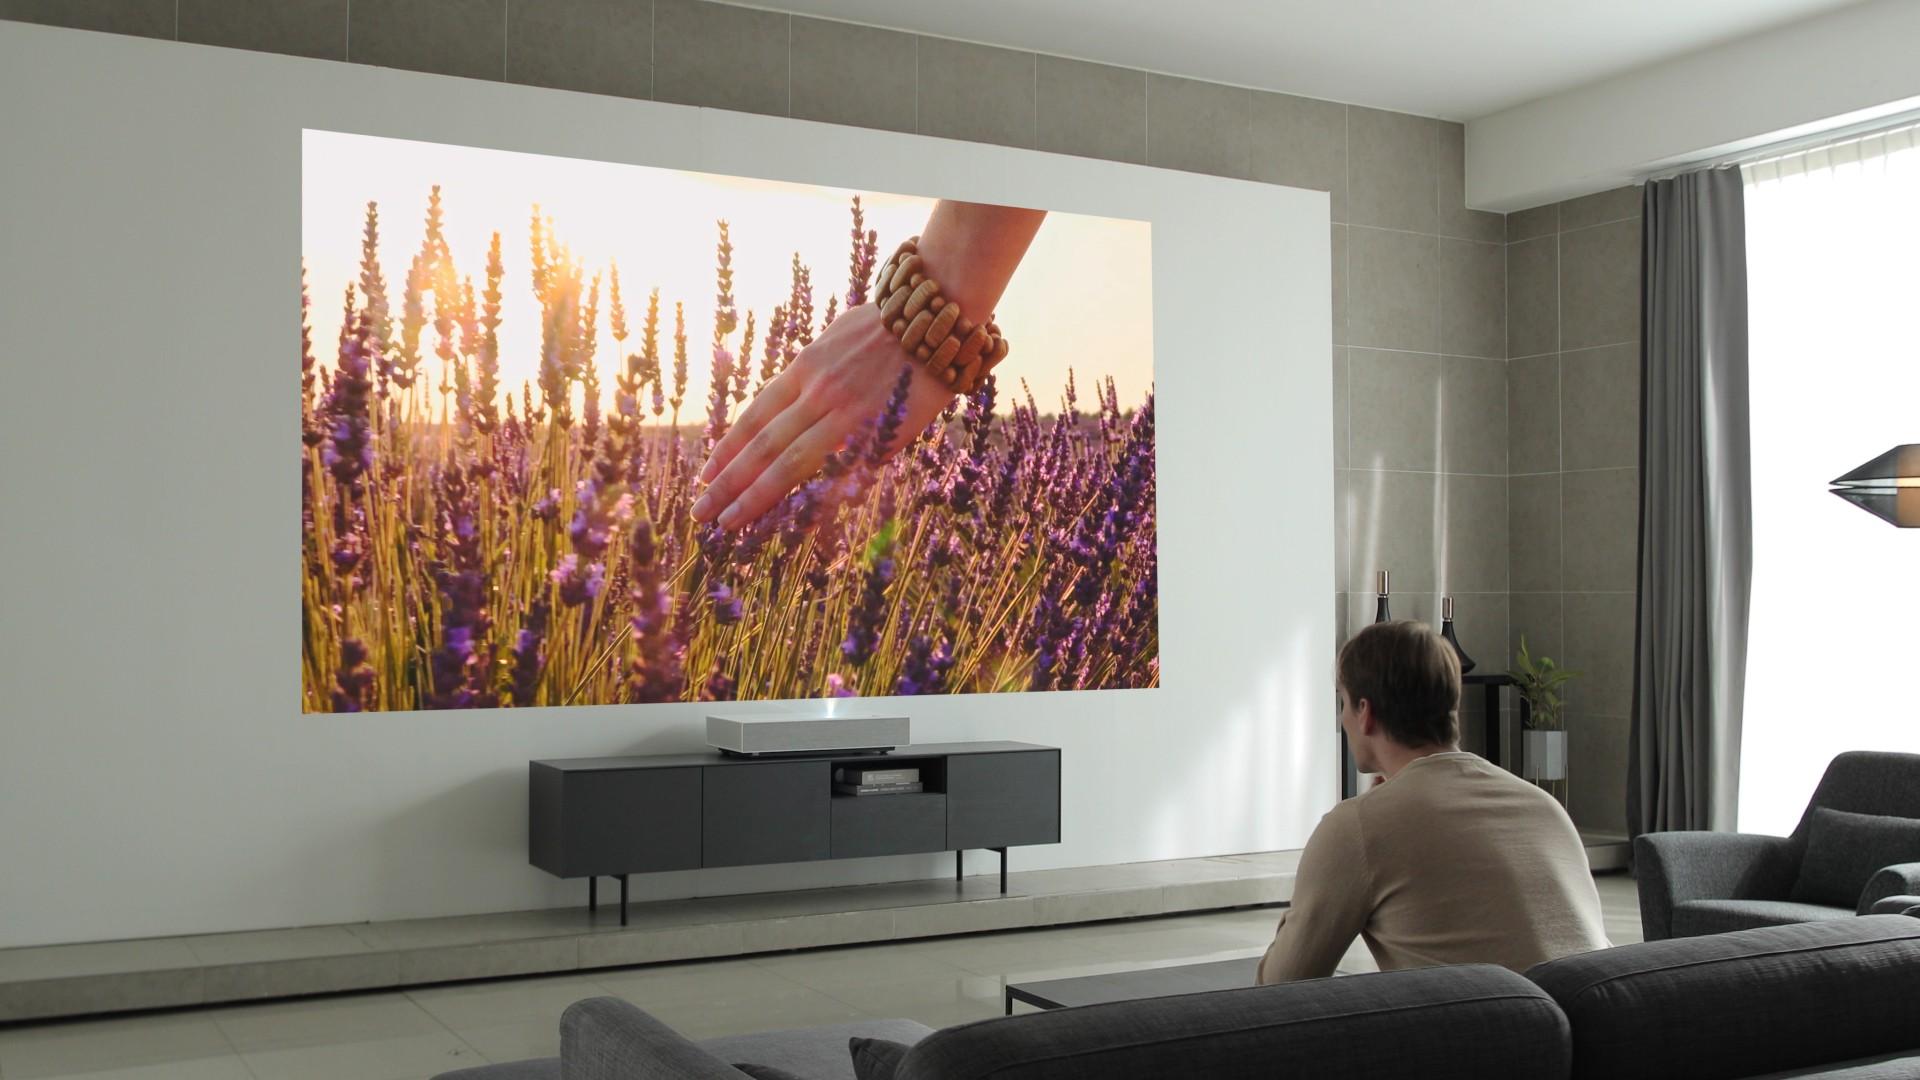 Comment Choisir Un Vidéoprojecteur comment choisir le vidéoprojecteur adpaté à son espace de vie?